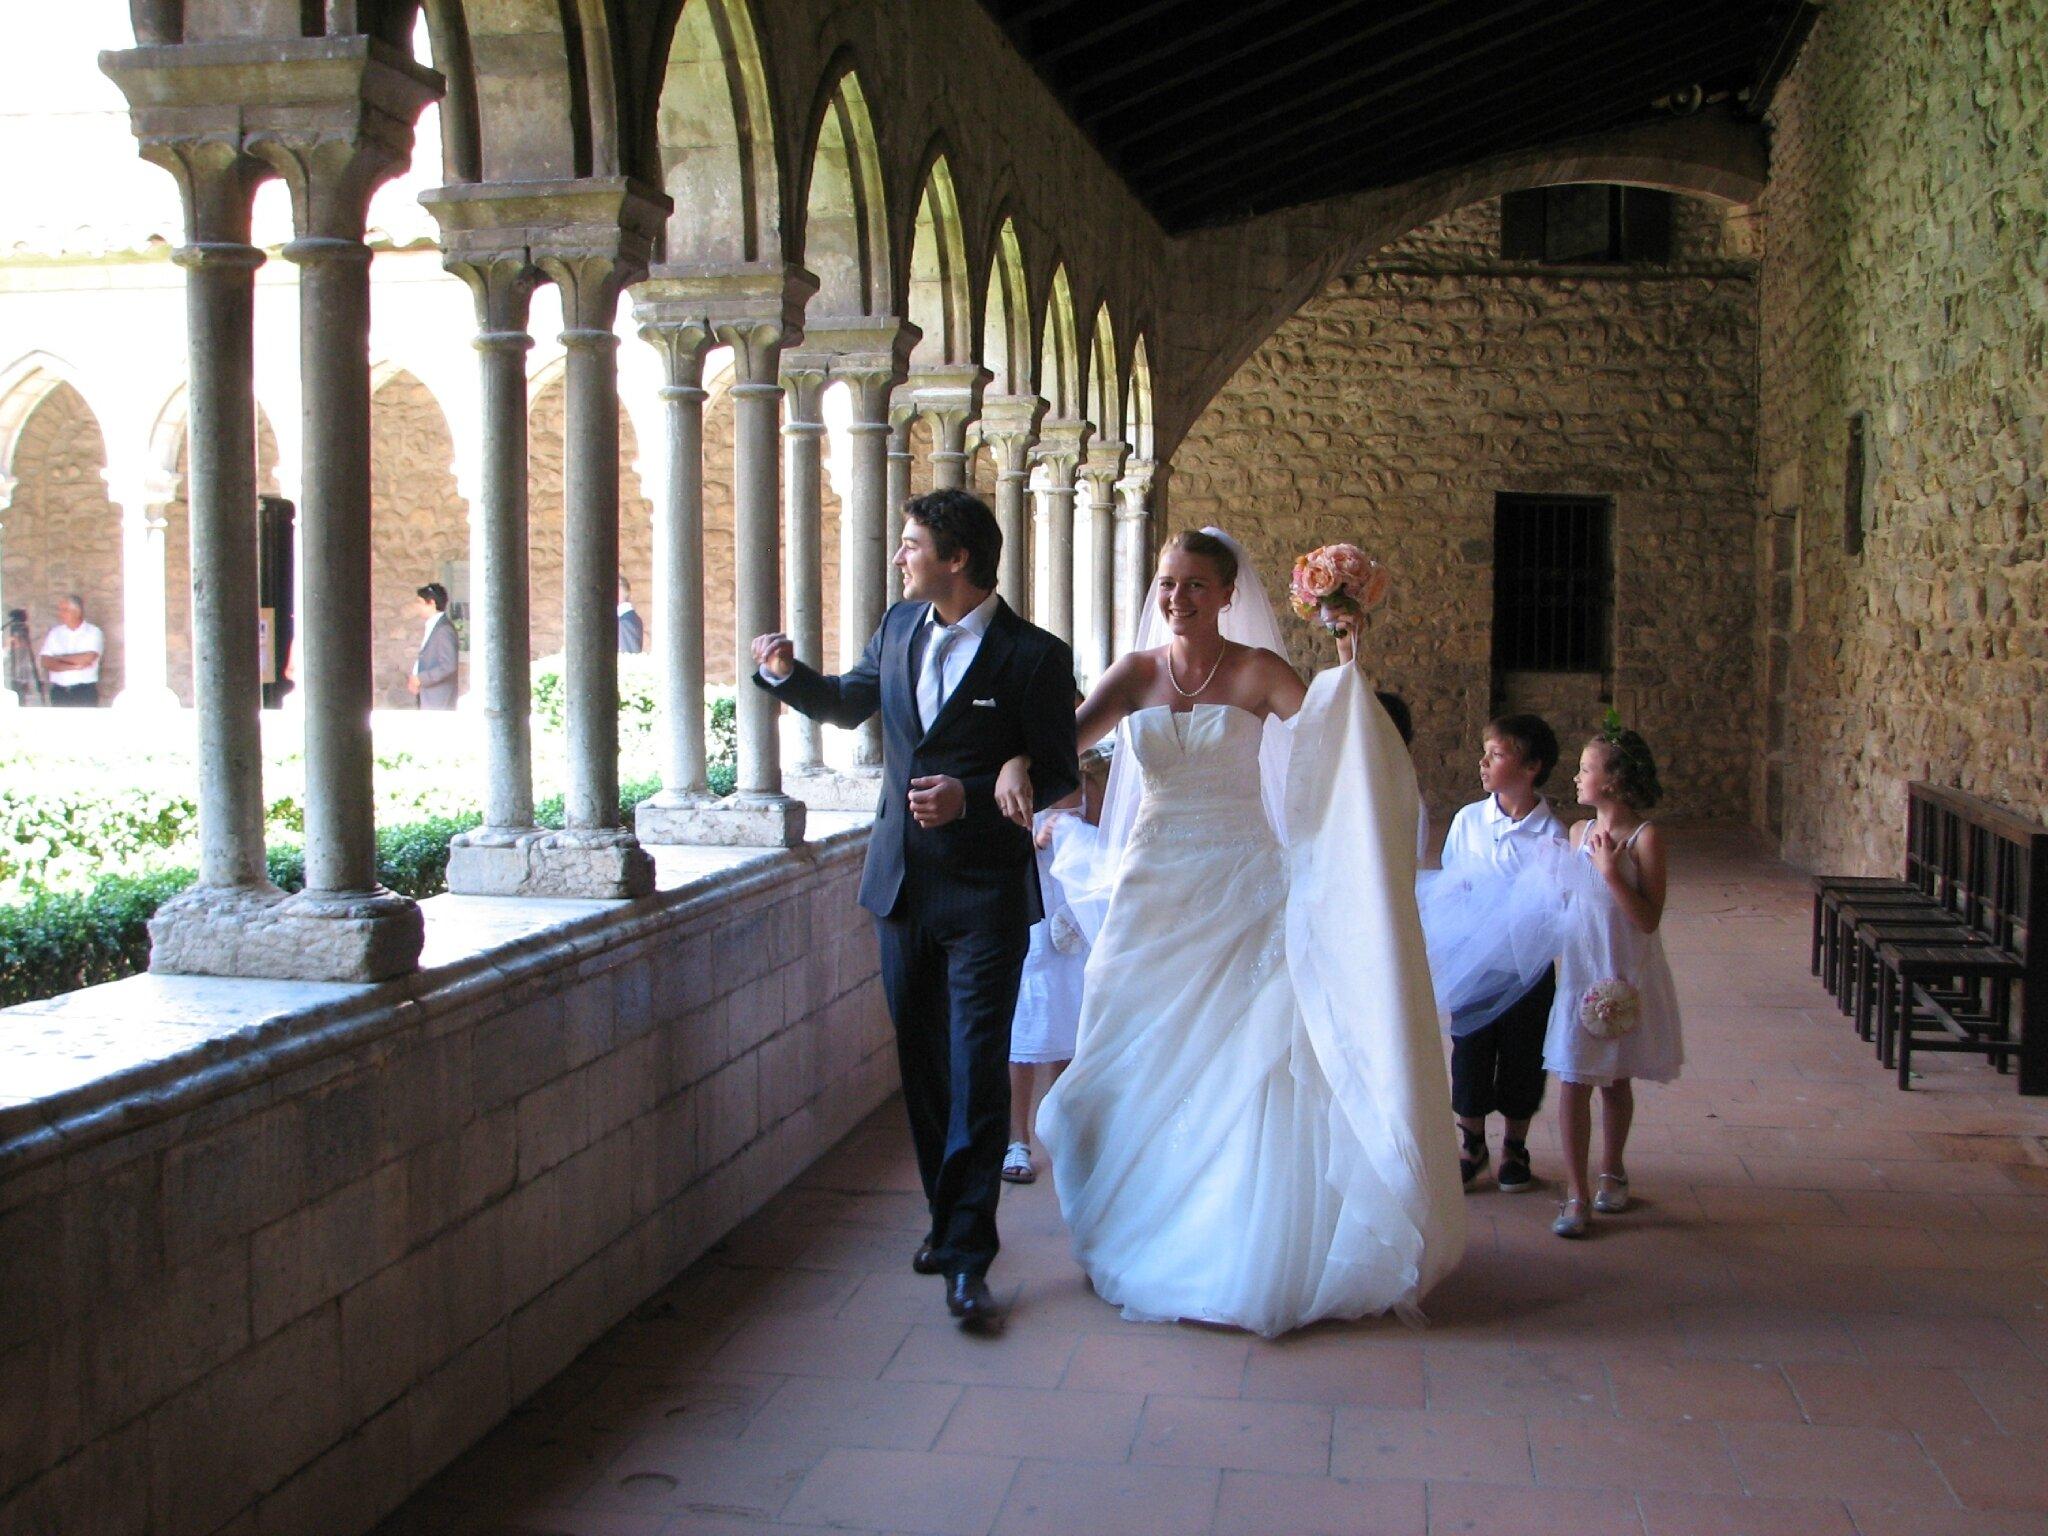 8 Ans hier, c'était le mariage de ma fille Adélaide,